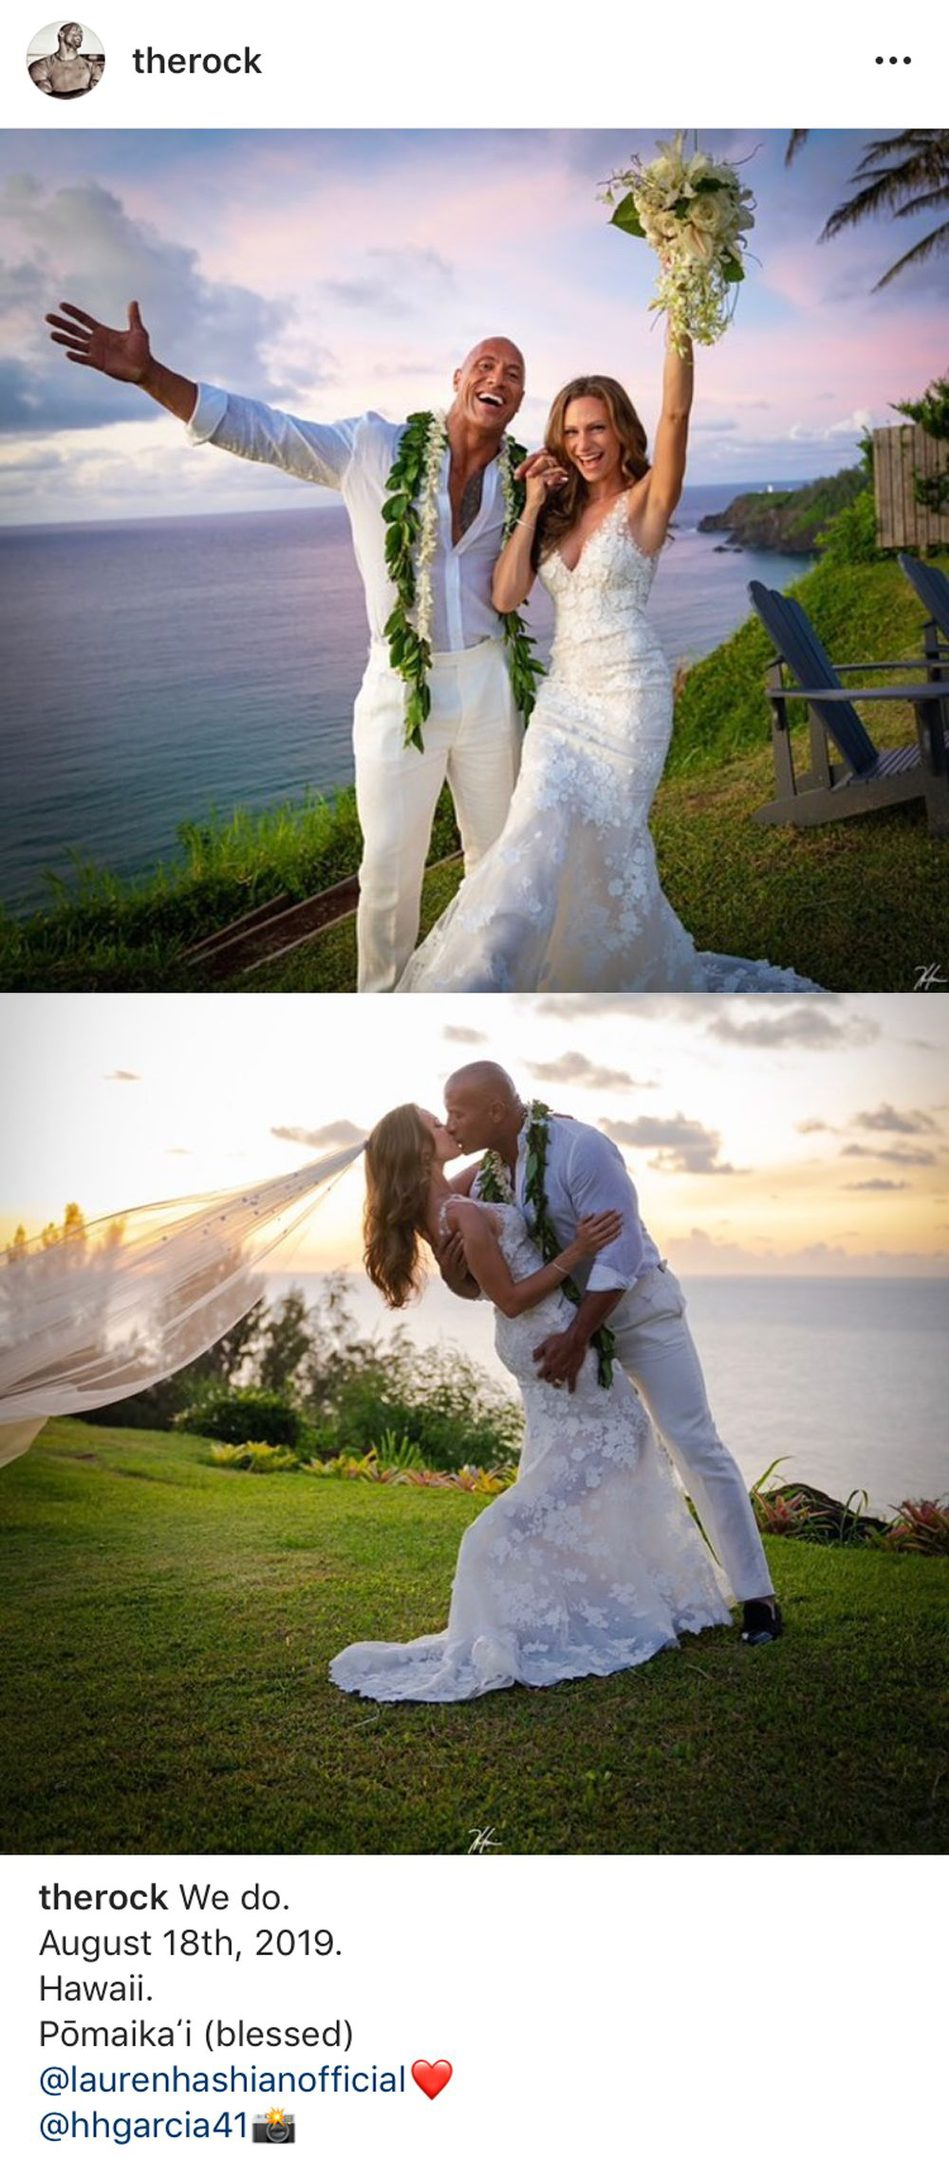 ไอจีเดอะร็อก โชว์ภาพแต่งงาน